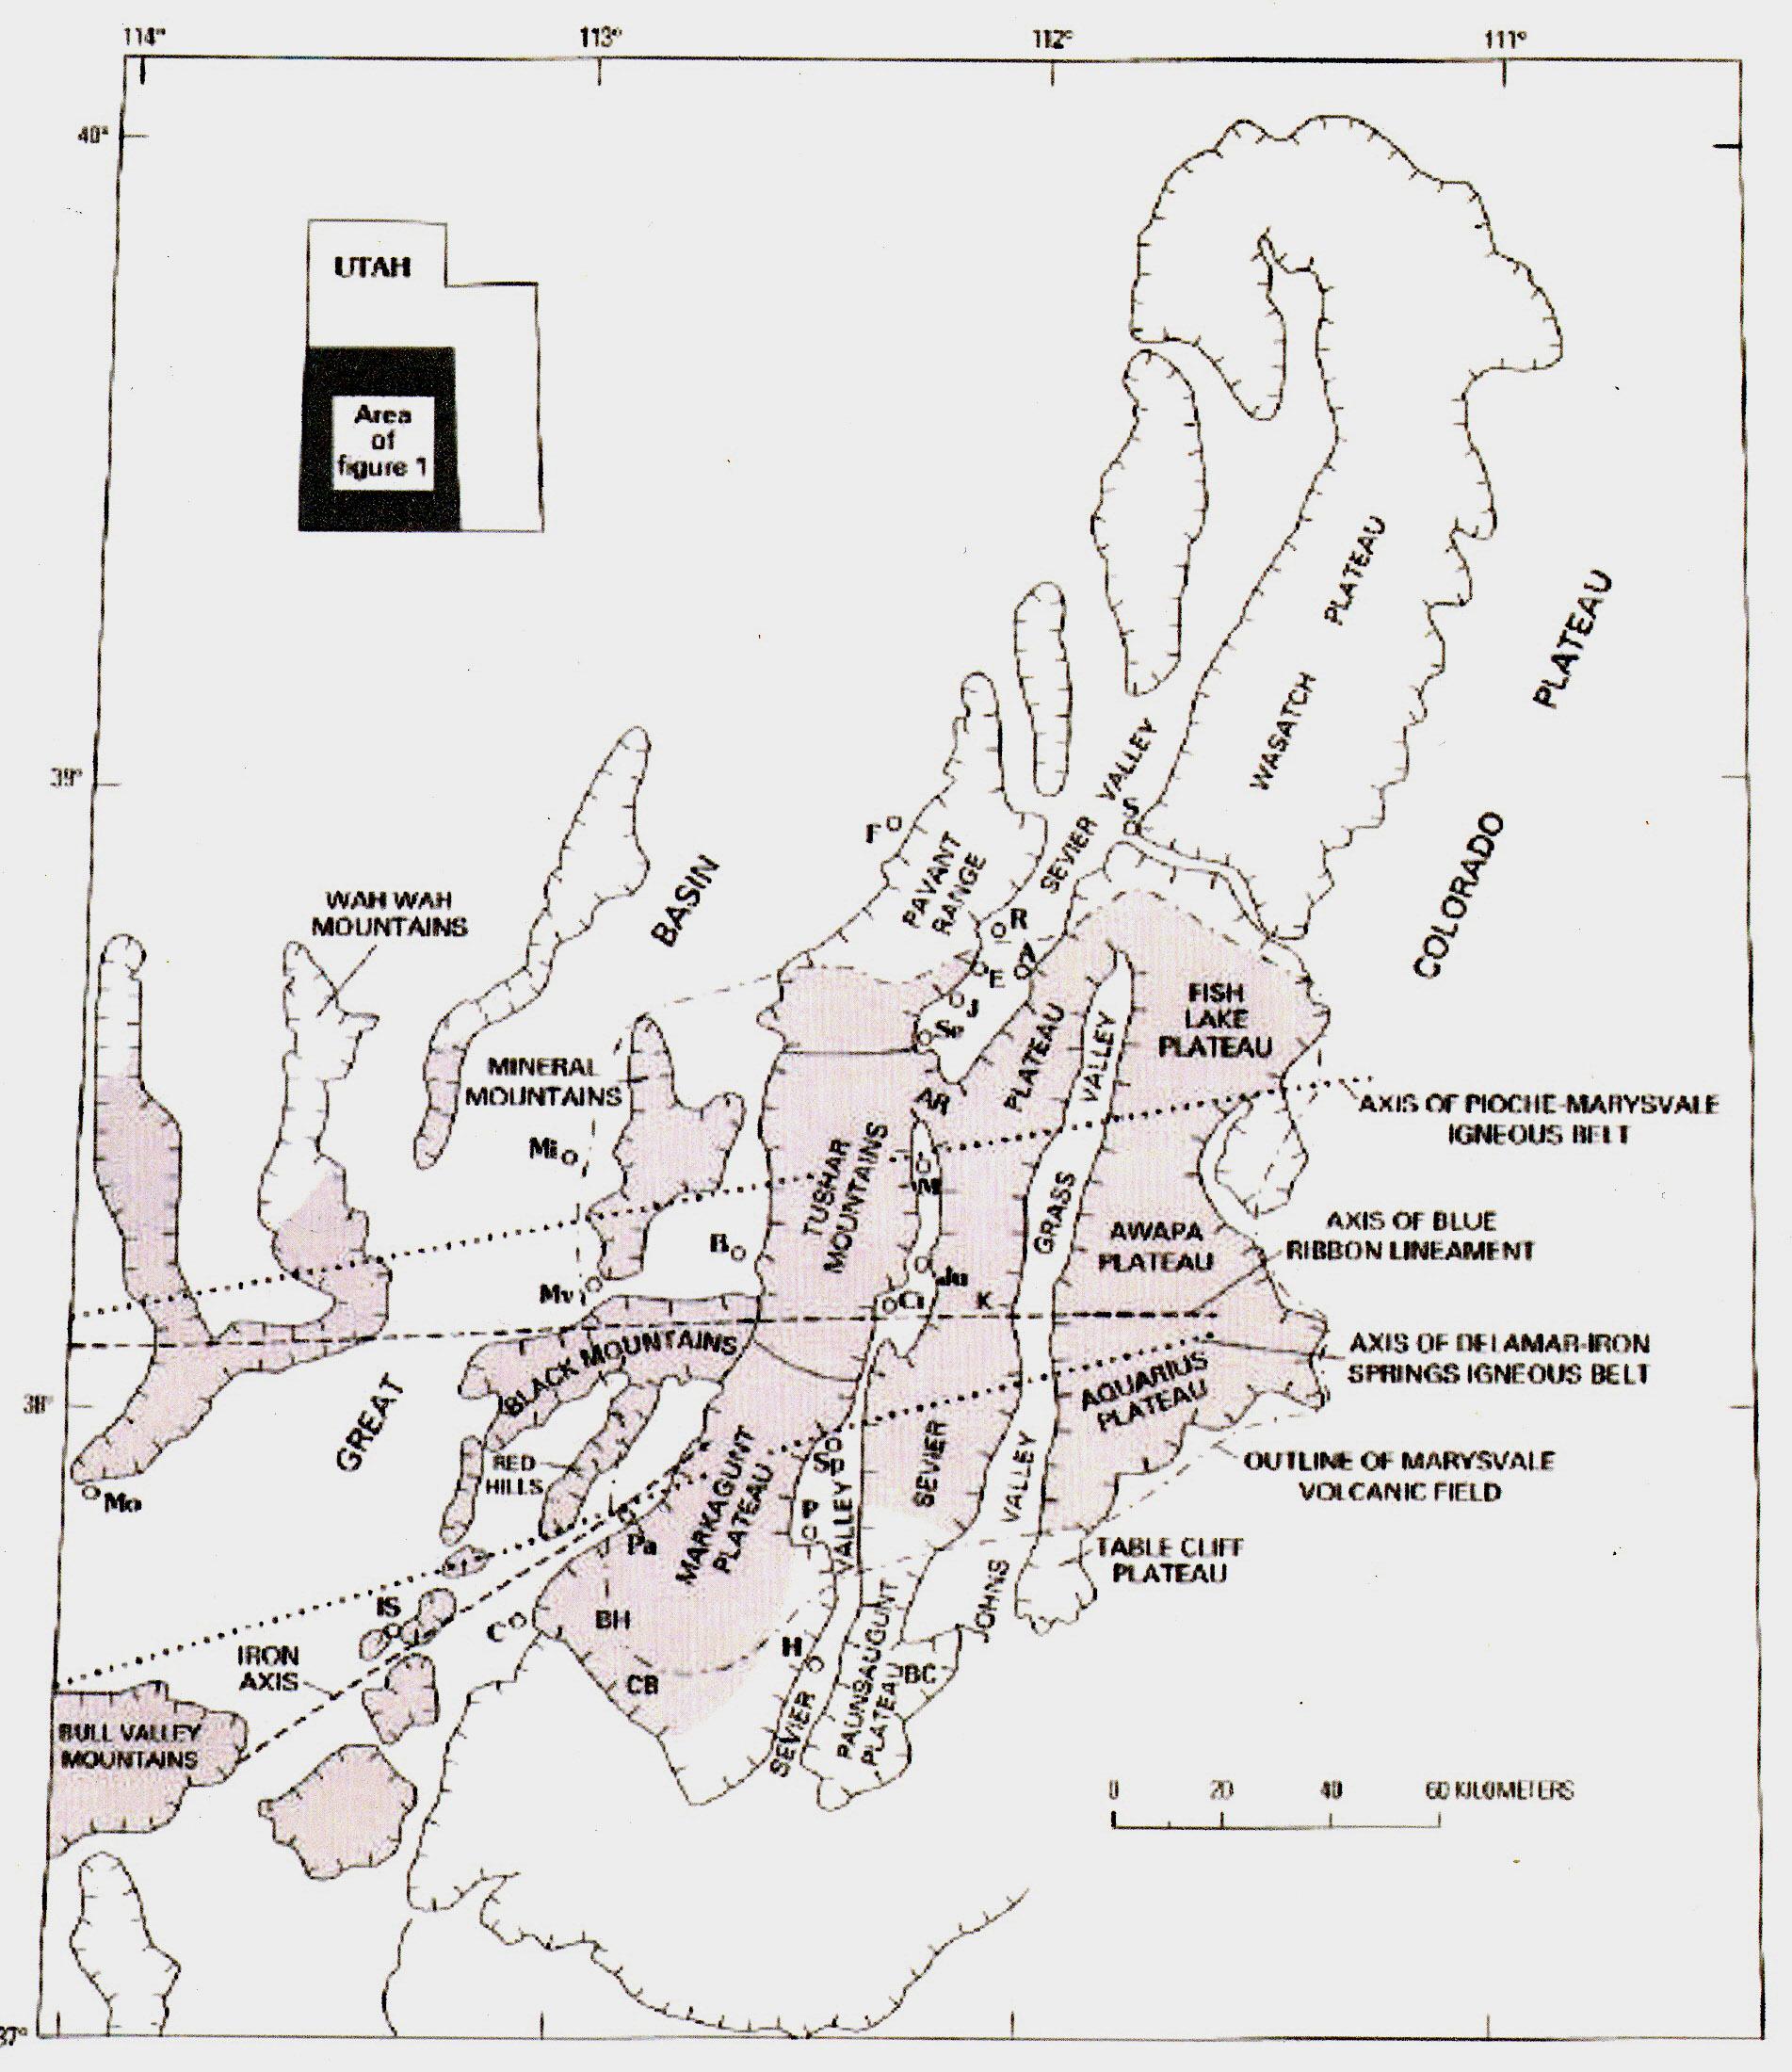 BoulderMtnBoulderTown - Map of colorado plateau region